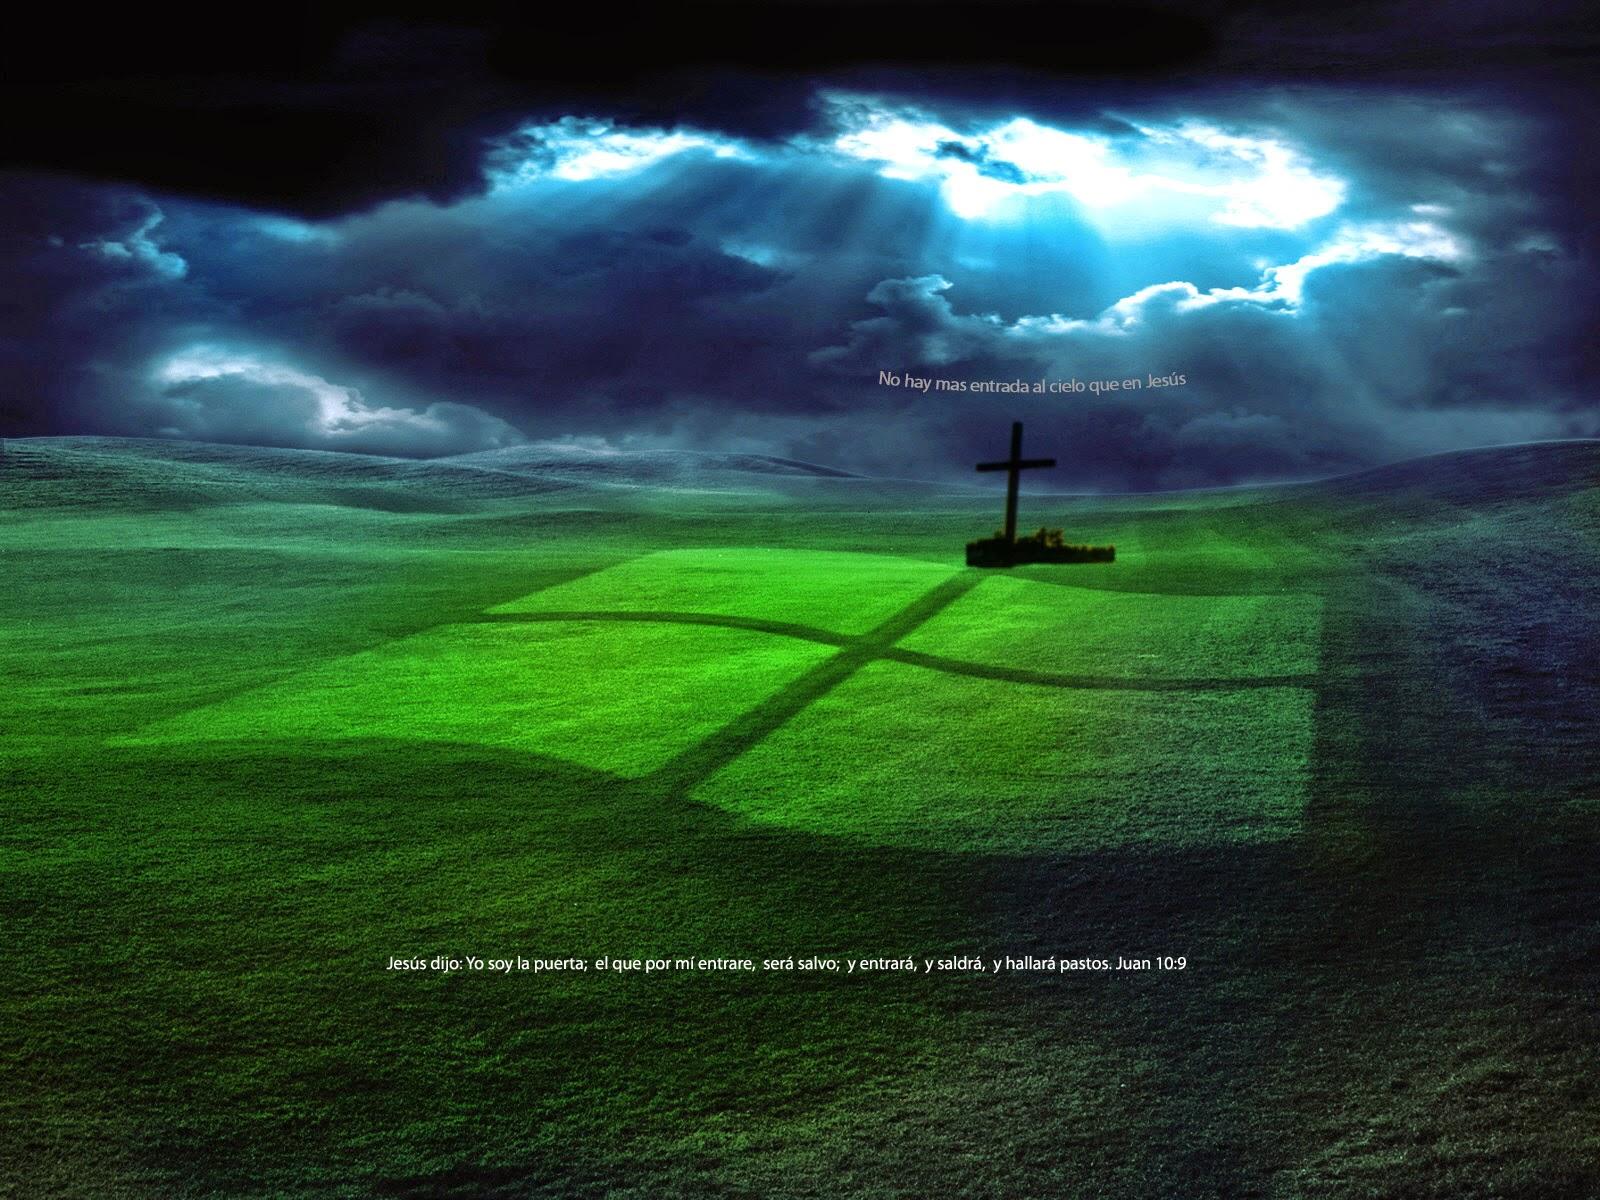 Fondos De Pantalla Gratis: Fondos De Escritorios Gratis: Imagenes Cristianas